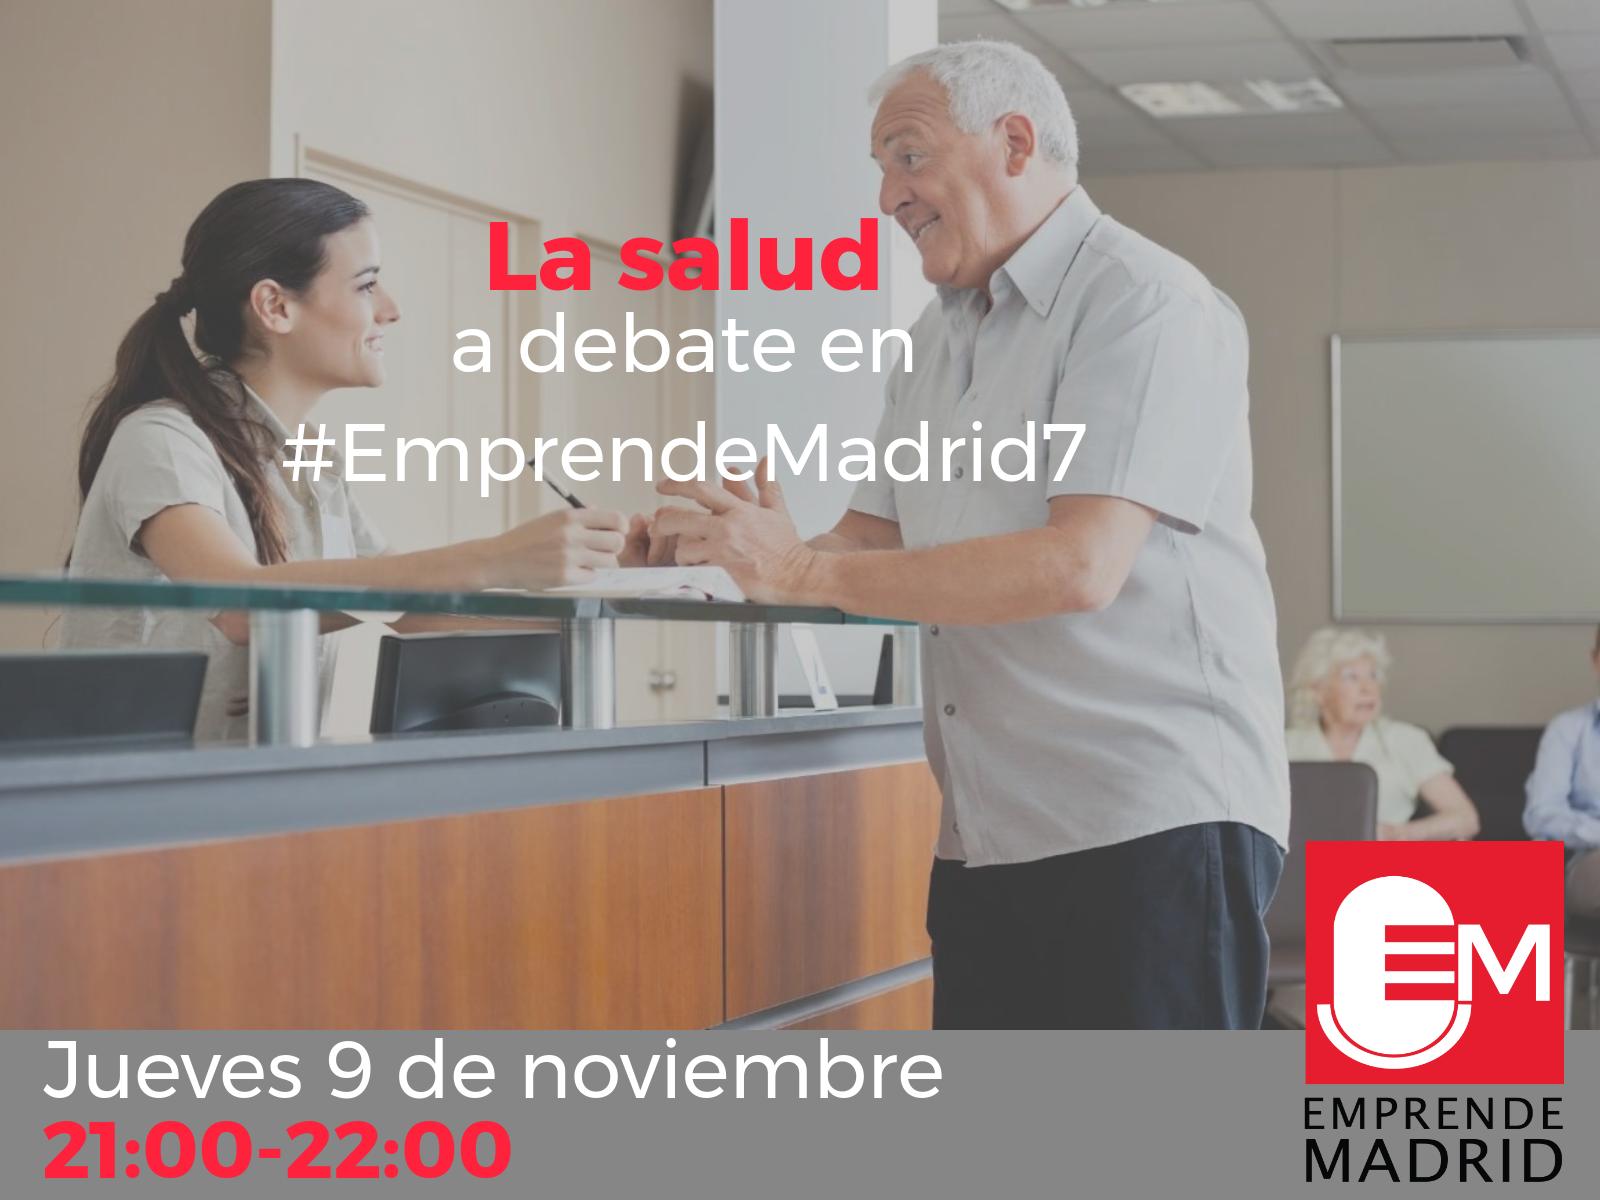 Innovación en salud en #EmprendeMadrid7